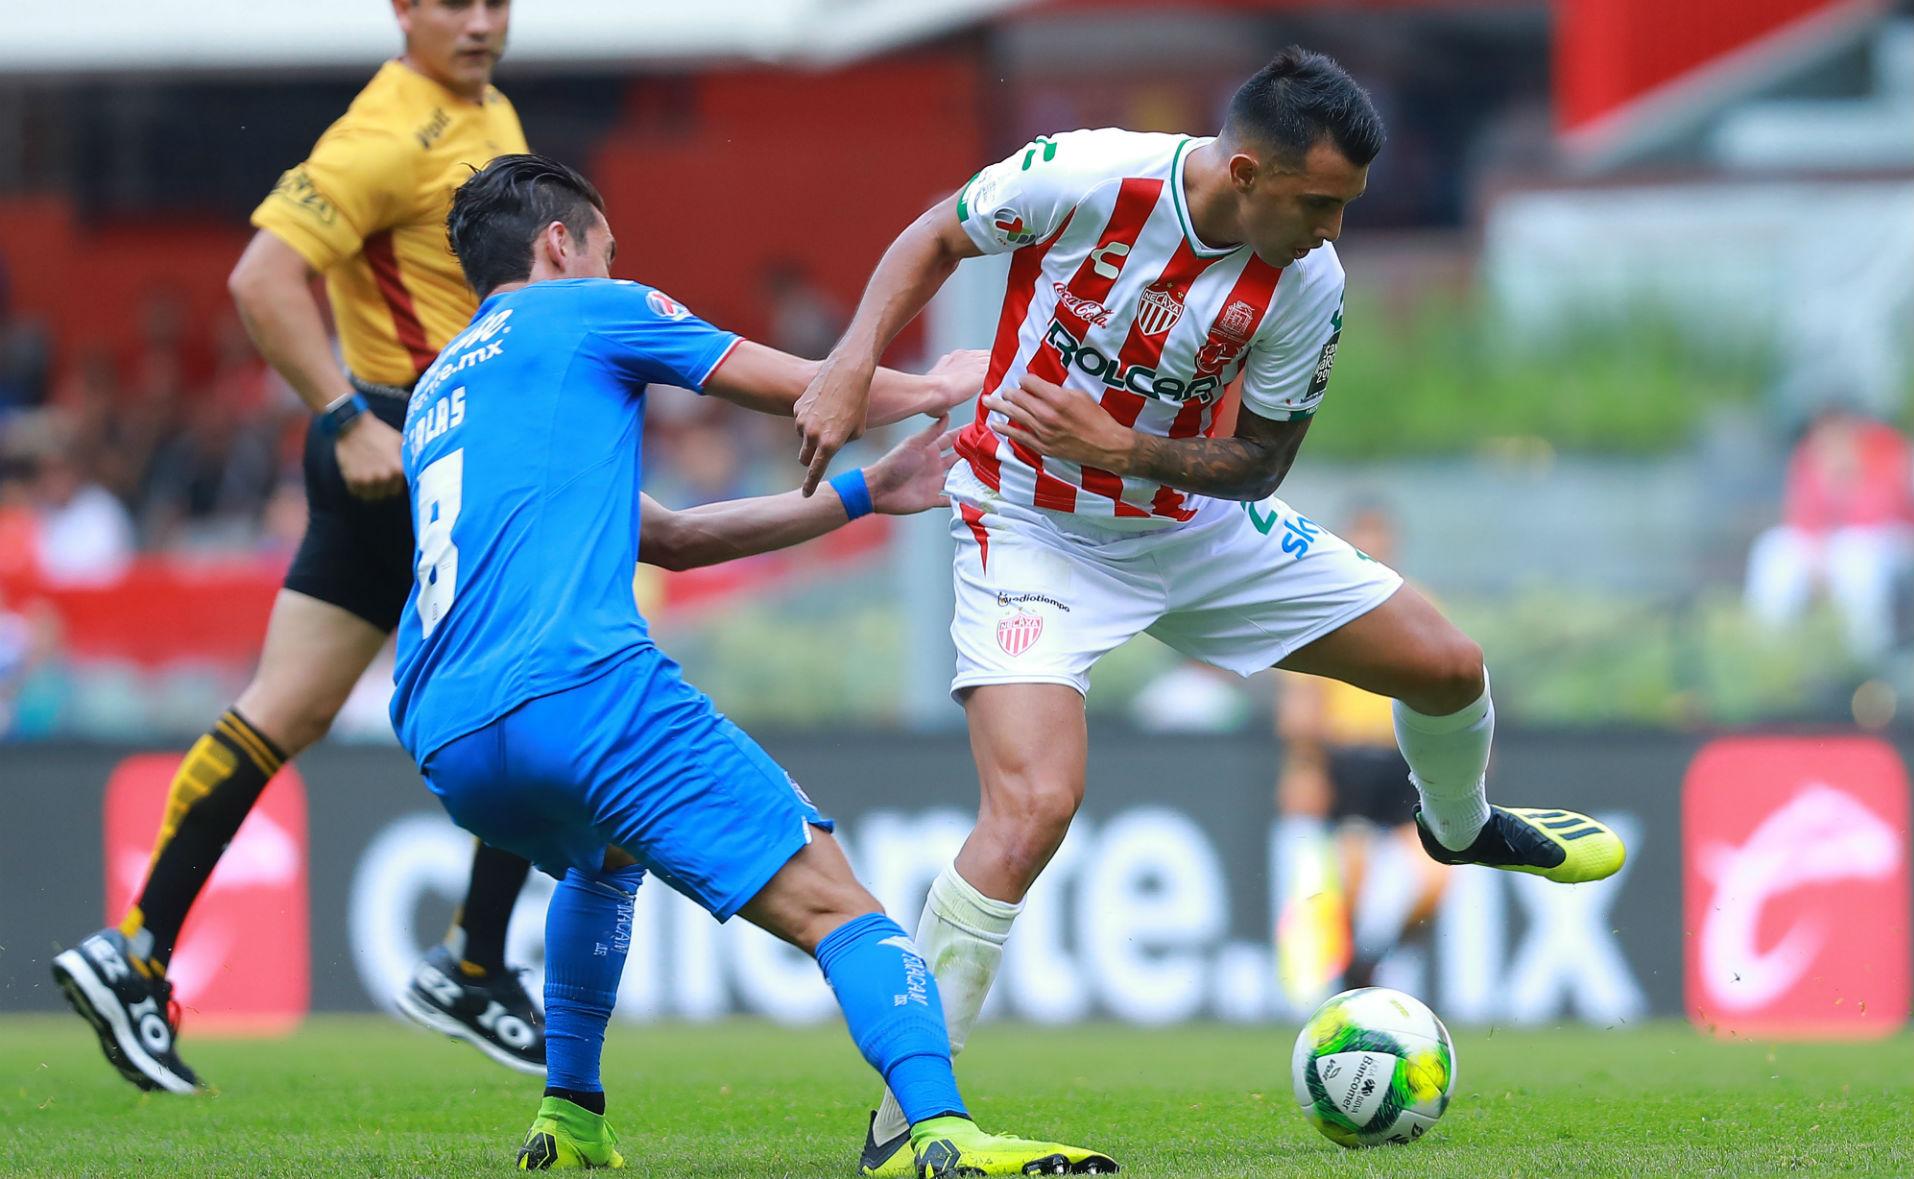 Cruz Azul Necaxa Javier Salas